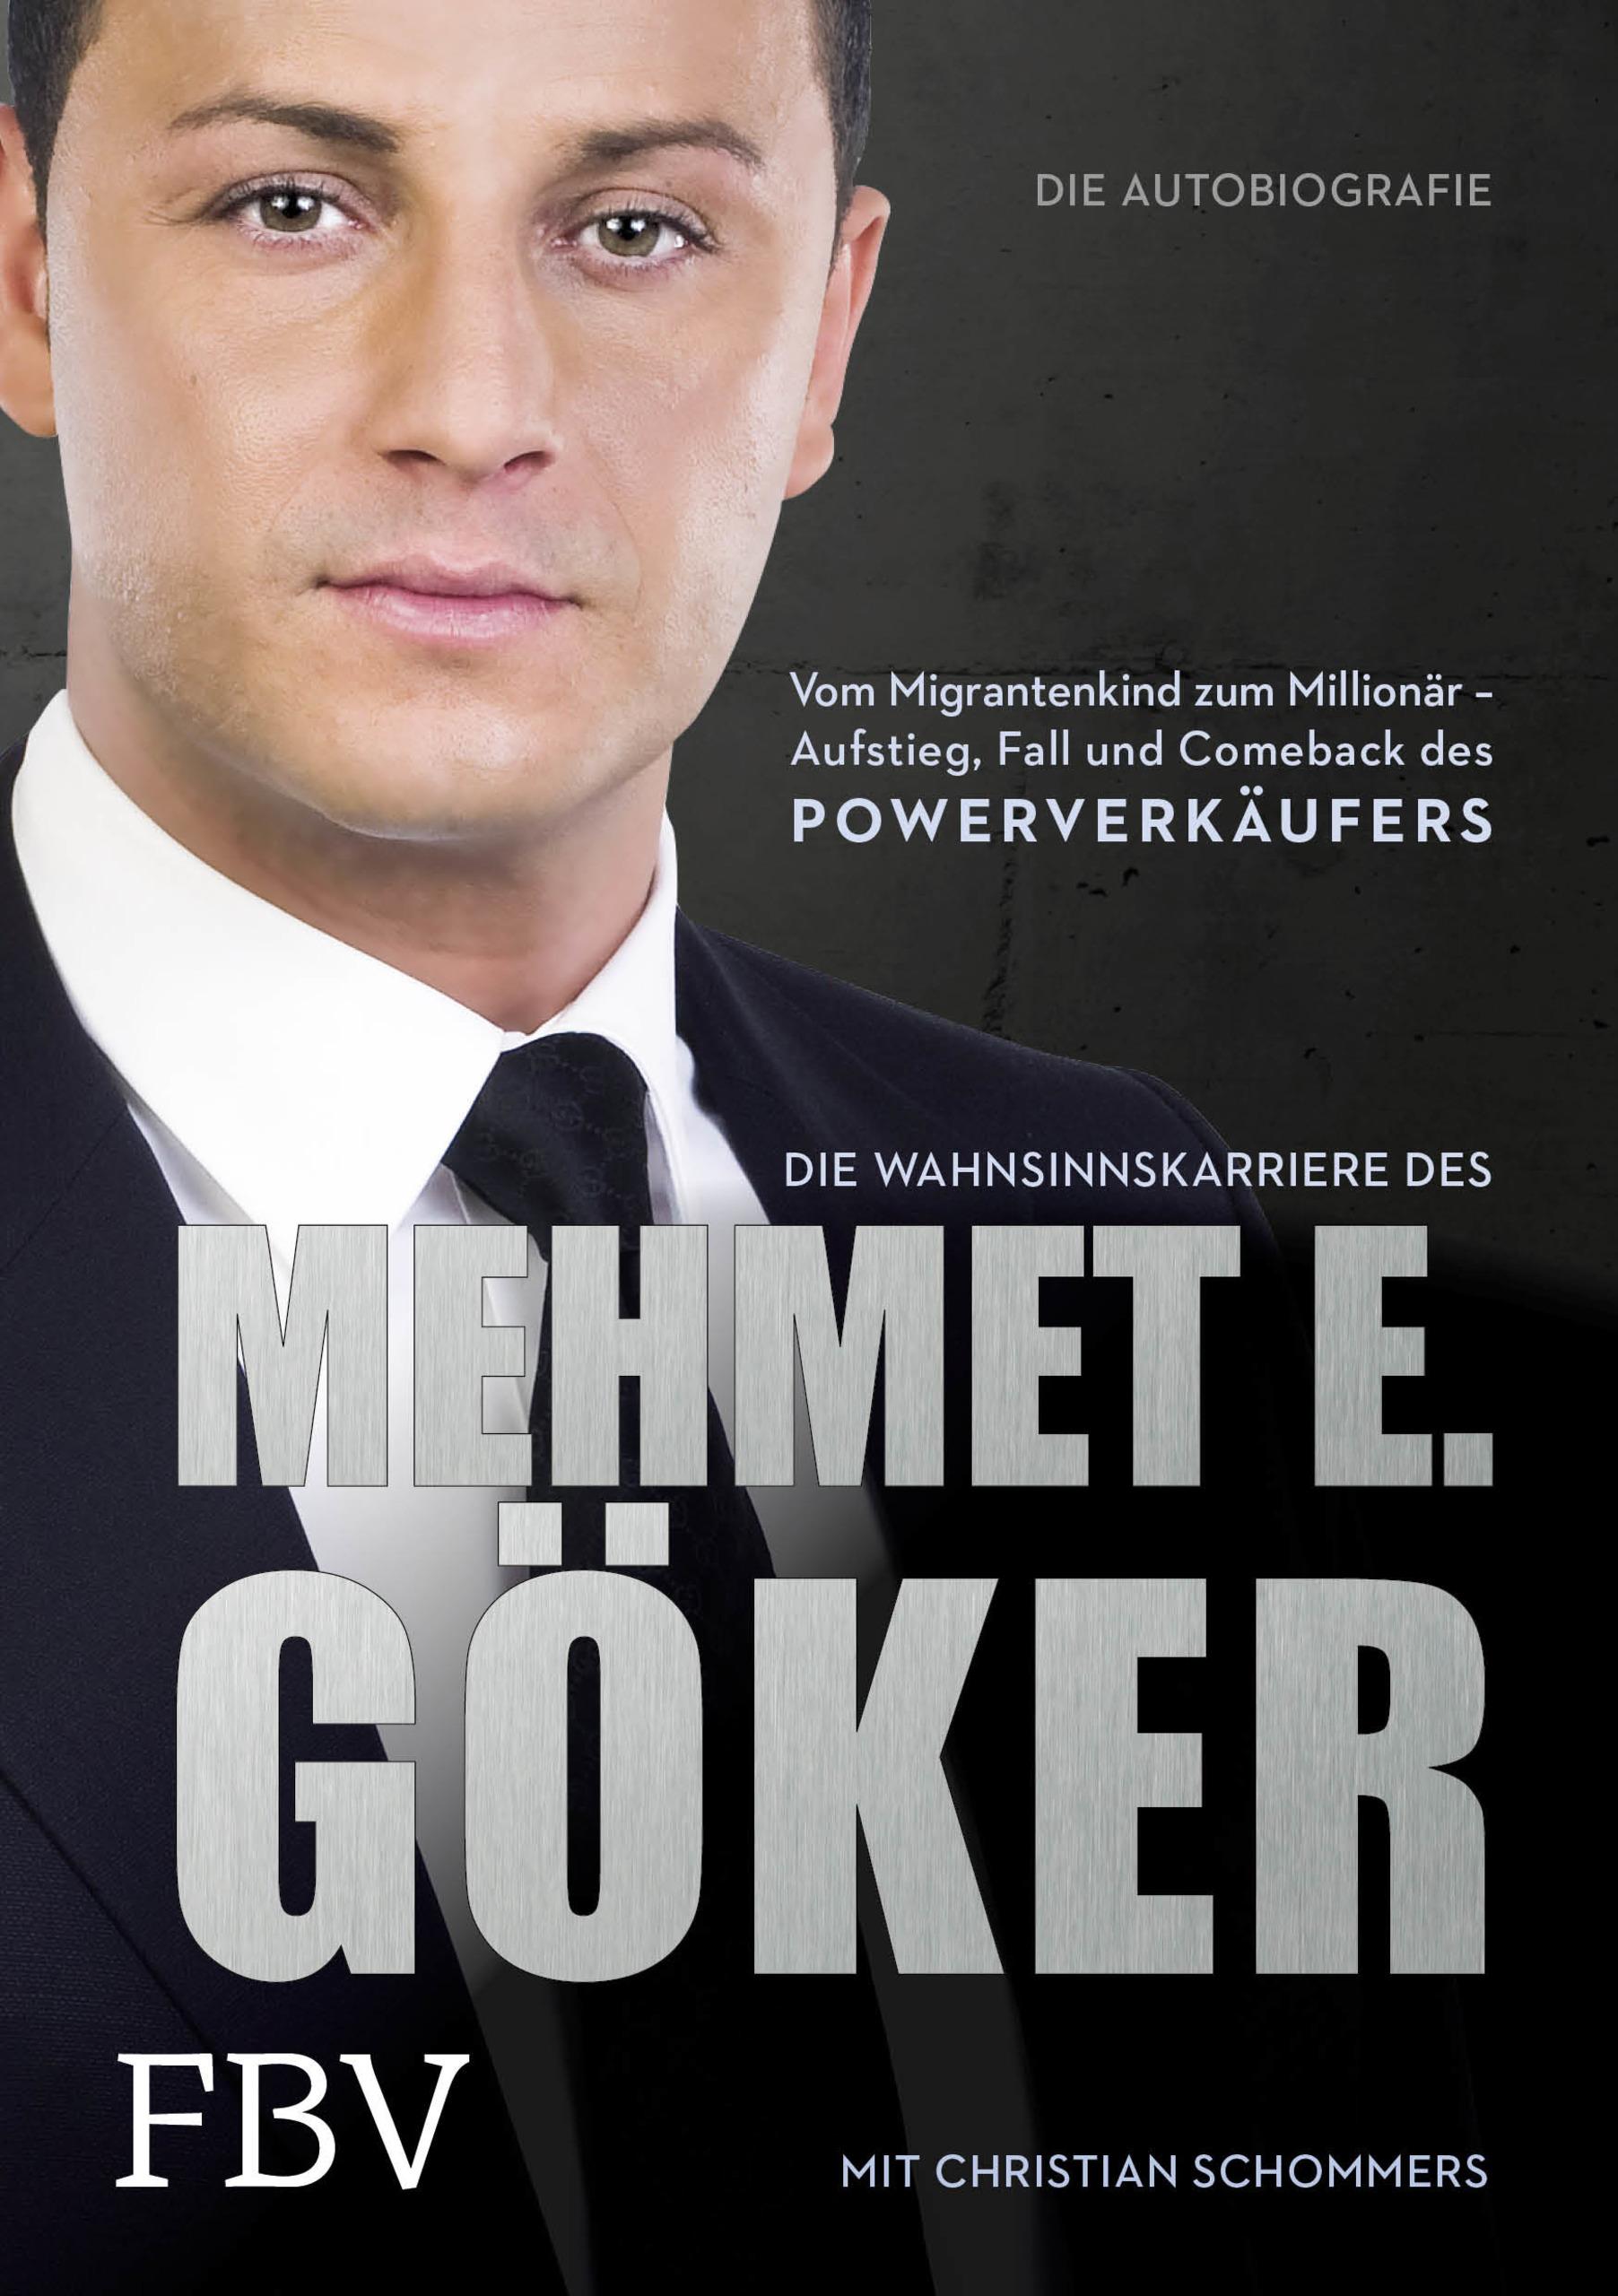 Die Wahnsinnskarriere des Mehmet E. Göker: Vom Migrantenkind zum Millionär - Aufstieg, Fall und Comeback des Powerverkäu